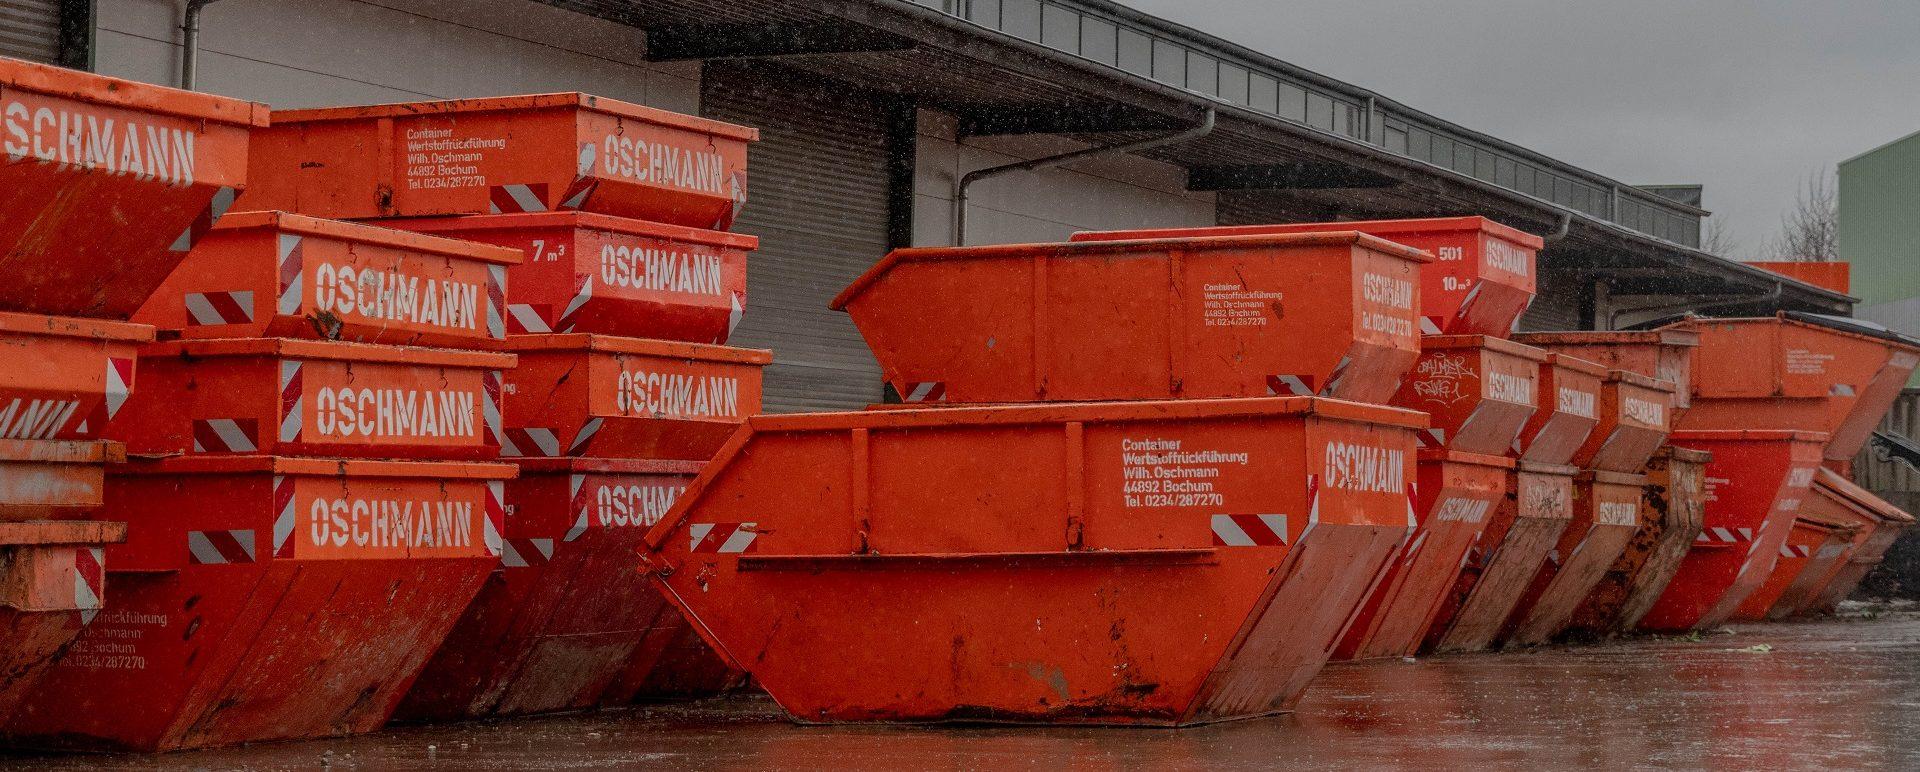 Container mieten in Bochum bei der Wilhelm Oschmann OHG